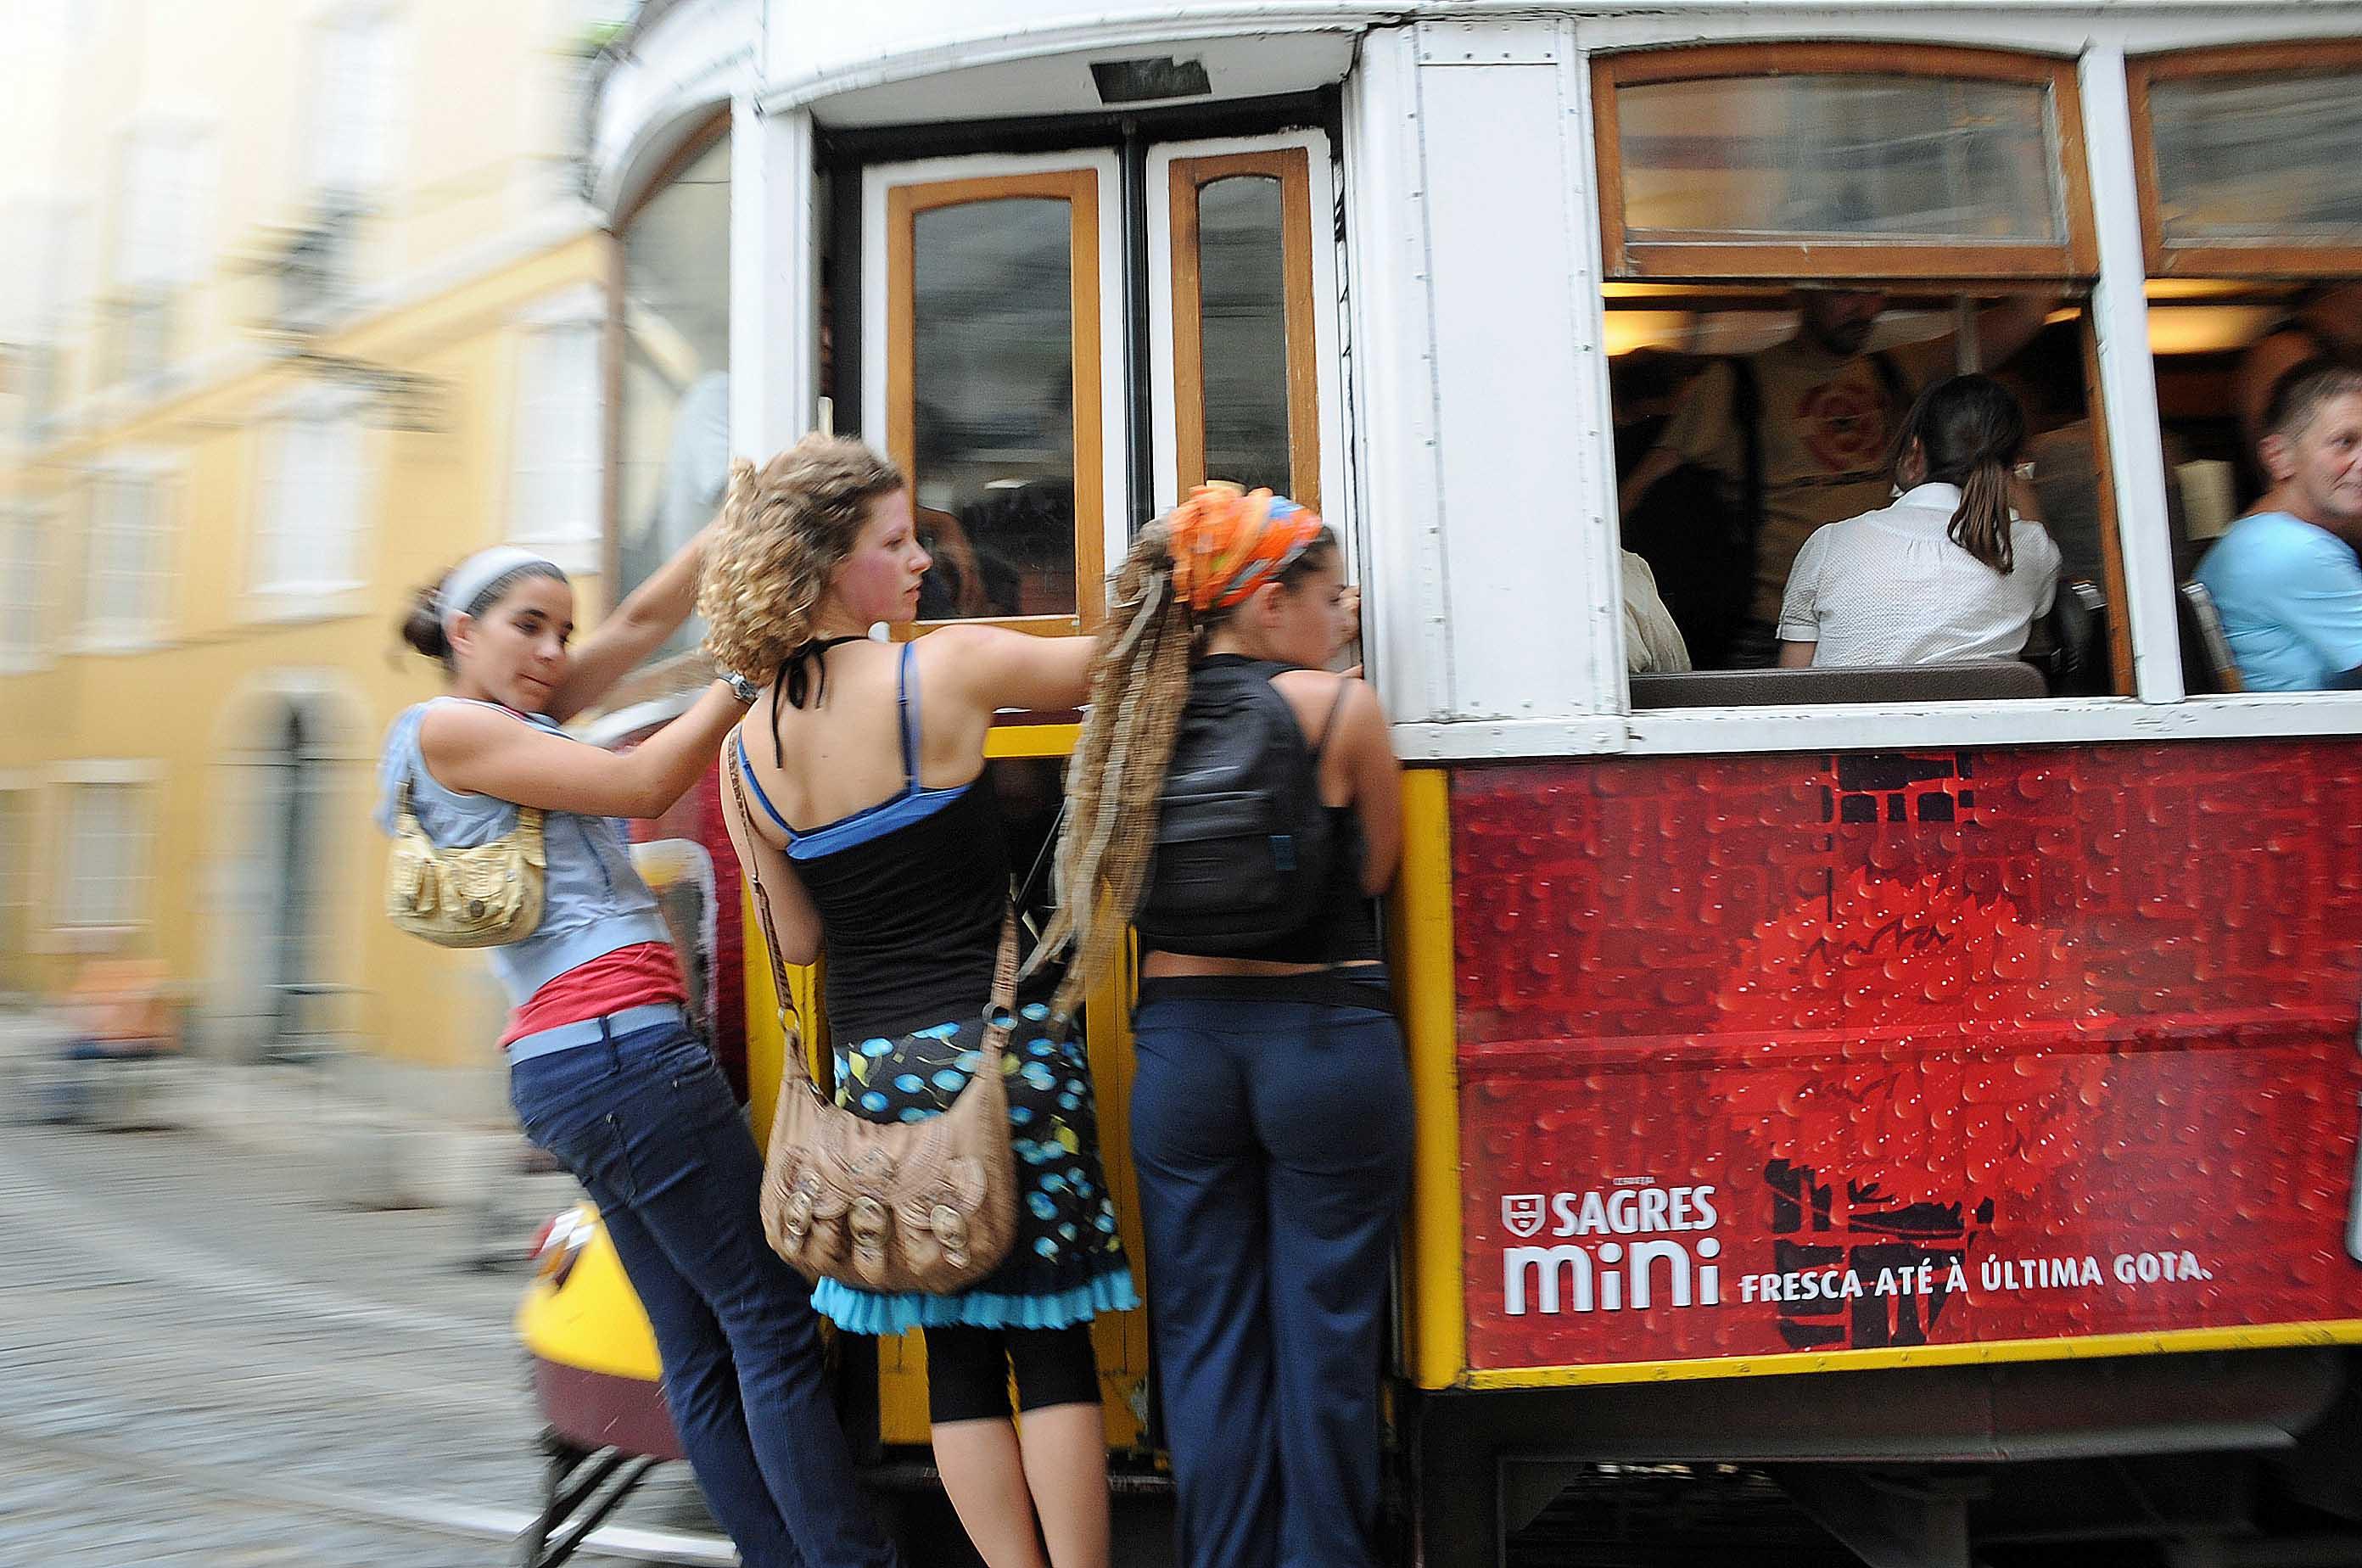 DG53199. Tram surfing. Lisbon 2.6.10.crop